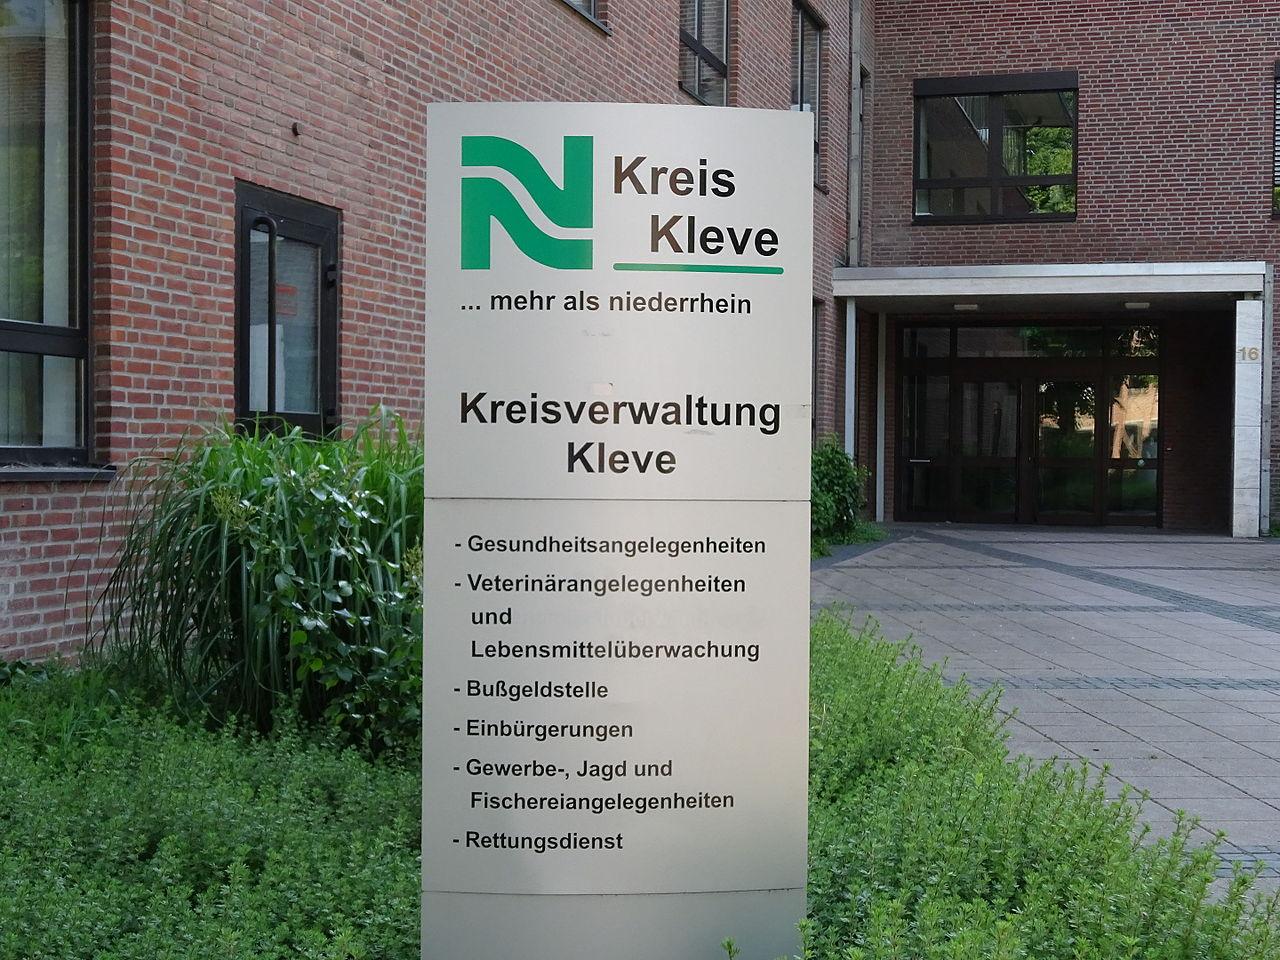 Kreisverwaltung Kleve Nassauerallee PM15 03 Infotafel.JPG